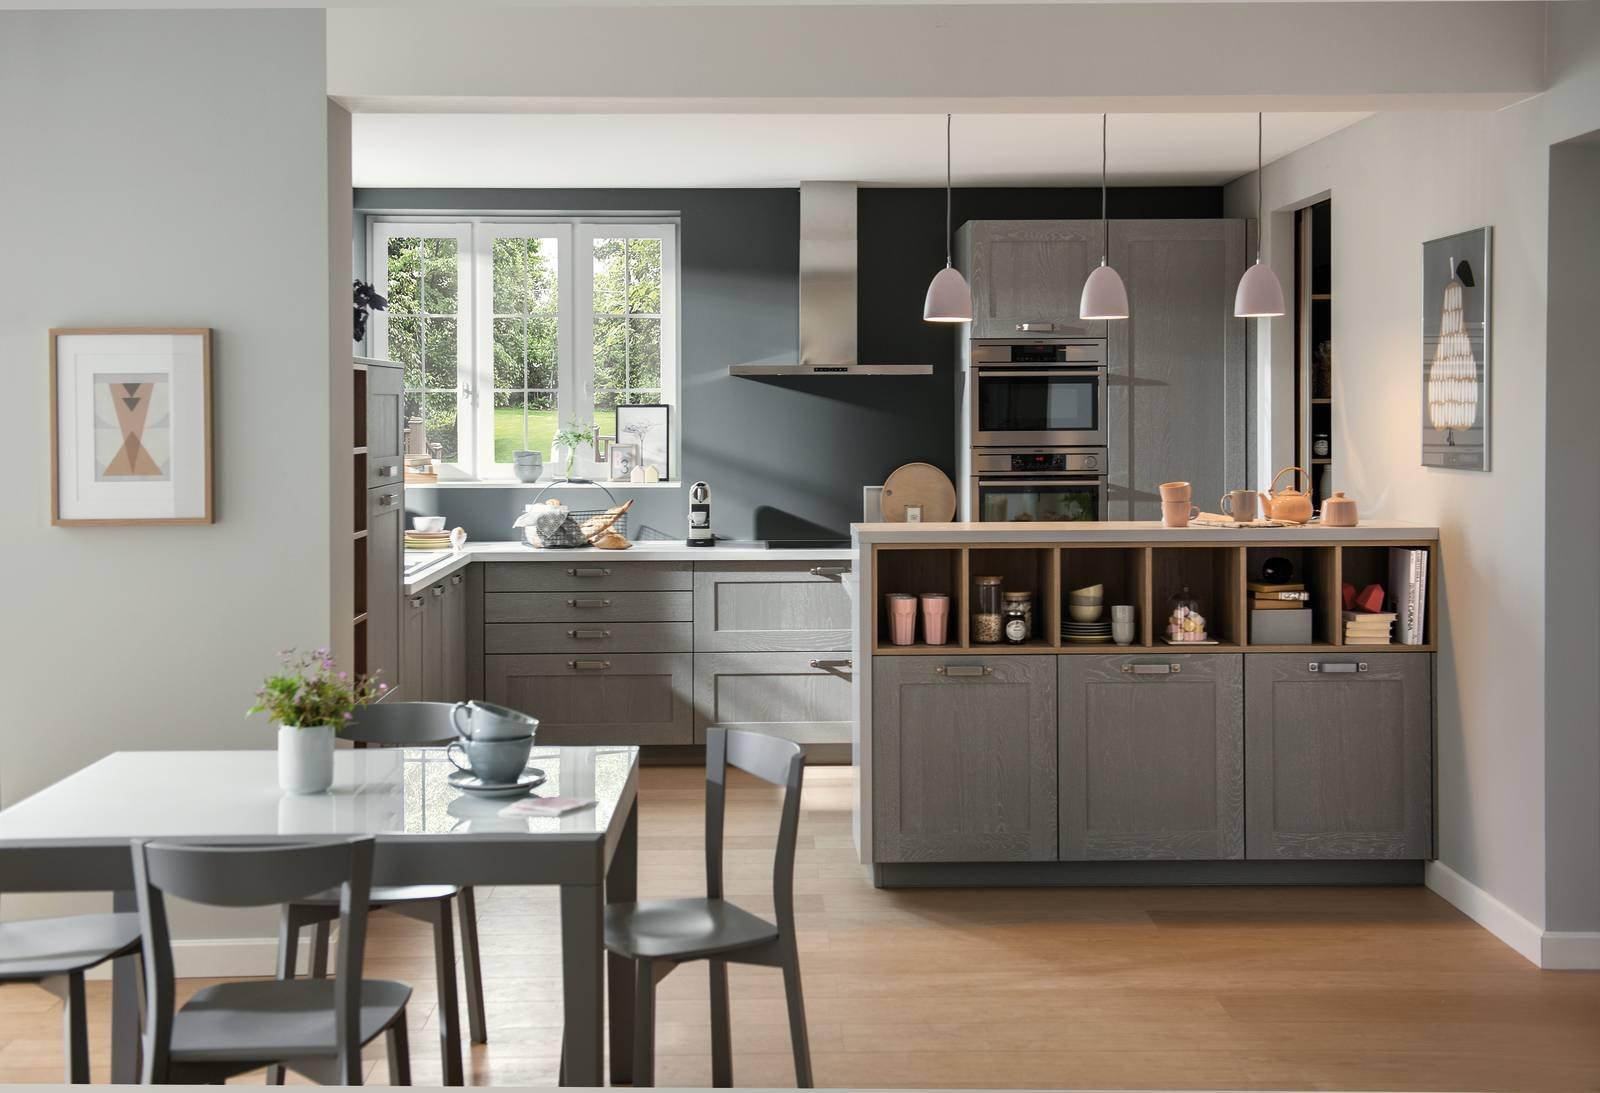 La cucina sotto la finestra: 12 composizioni cui ispirarsi